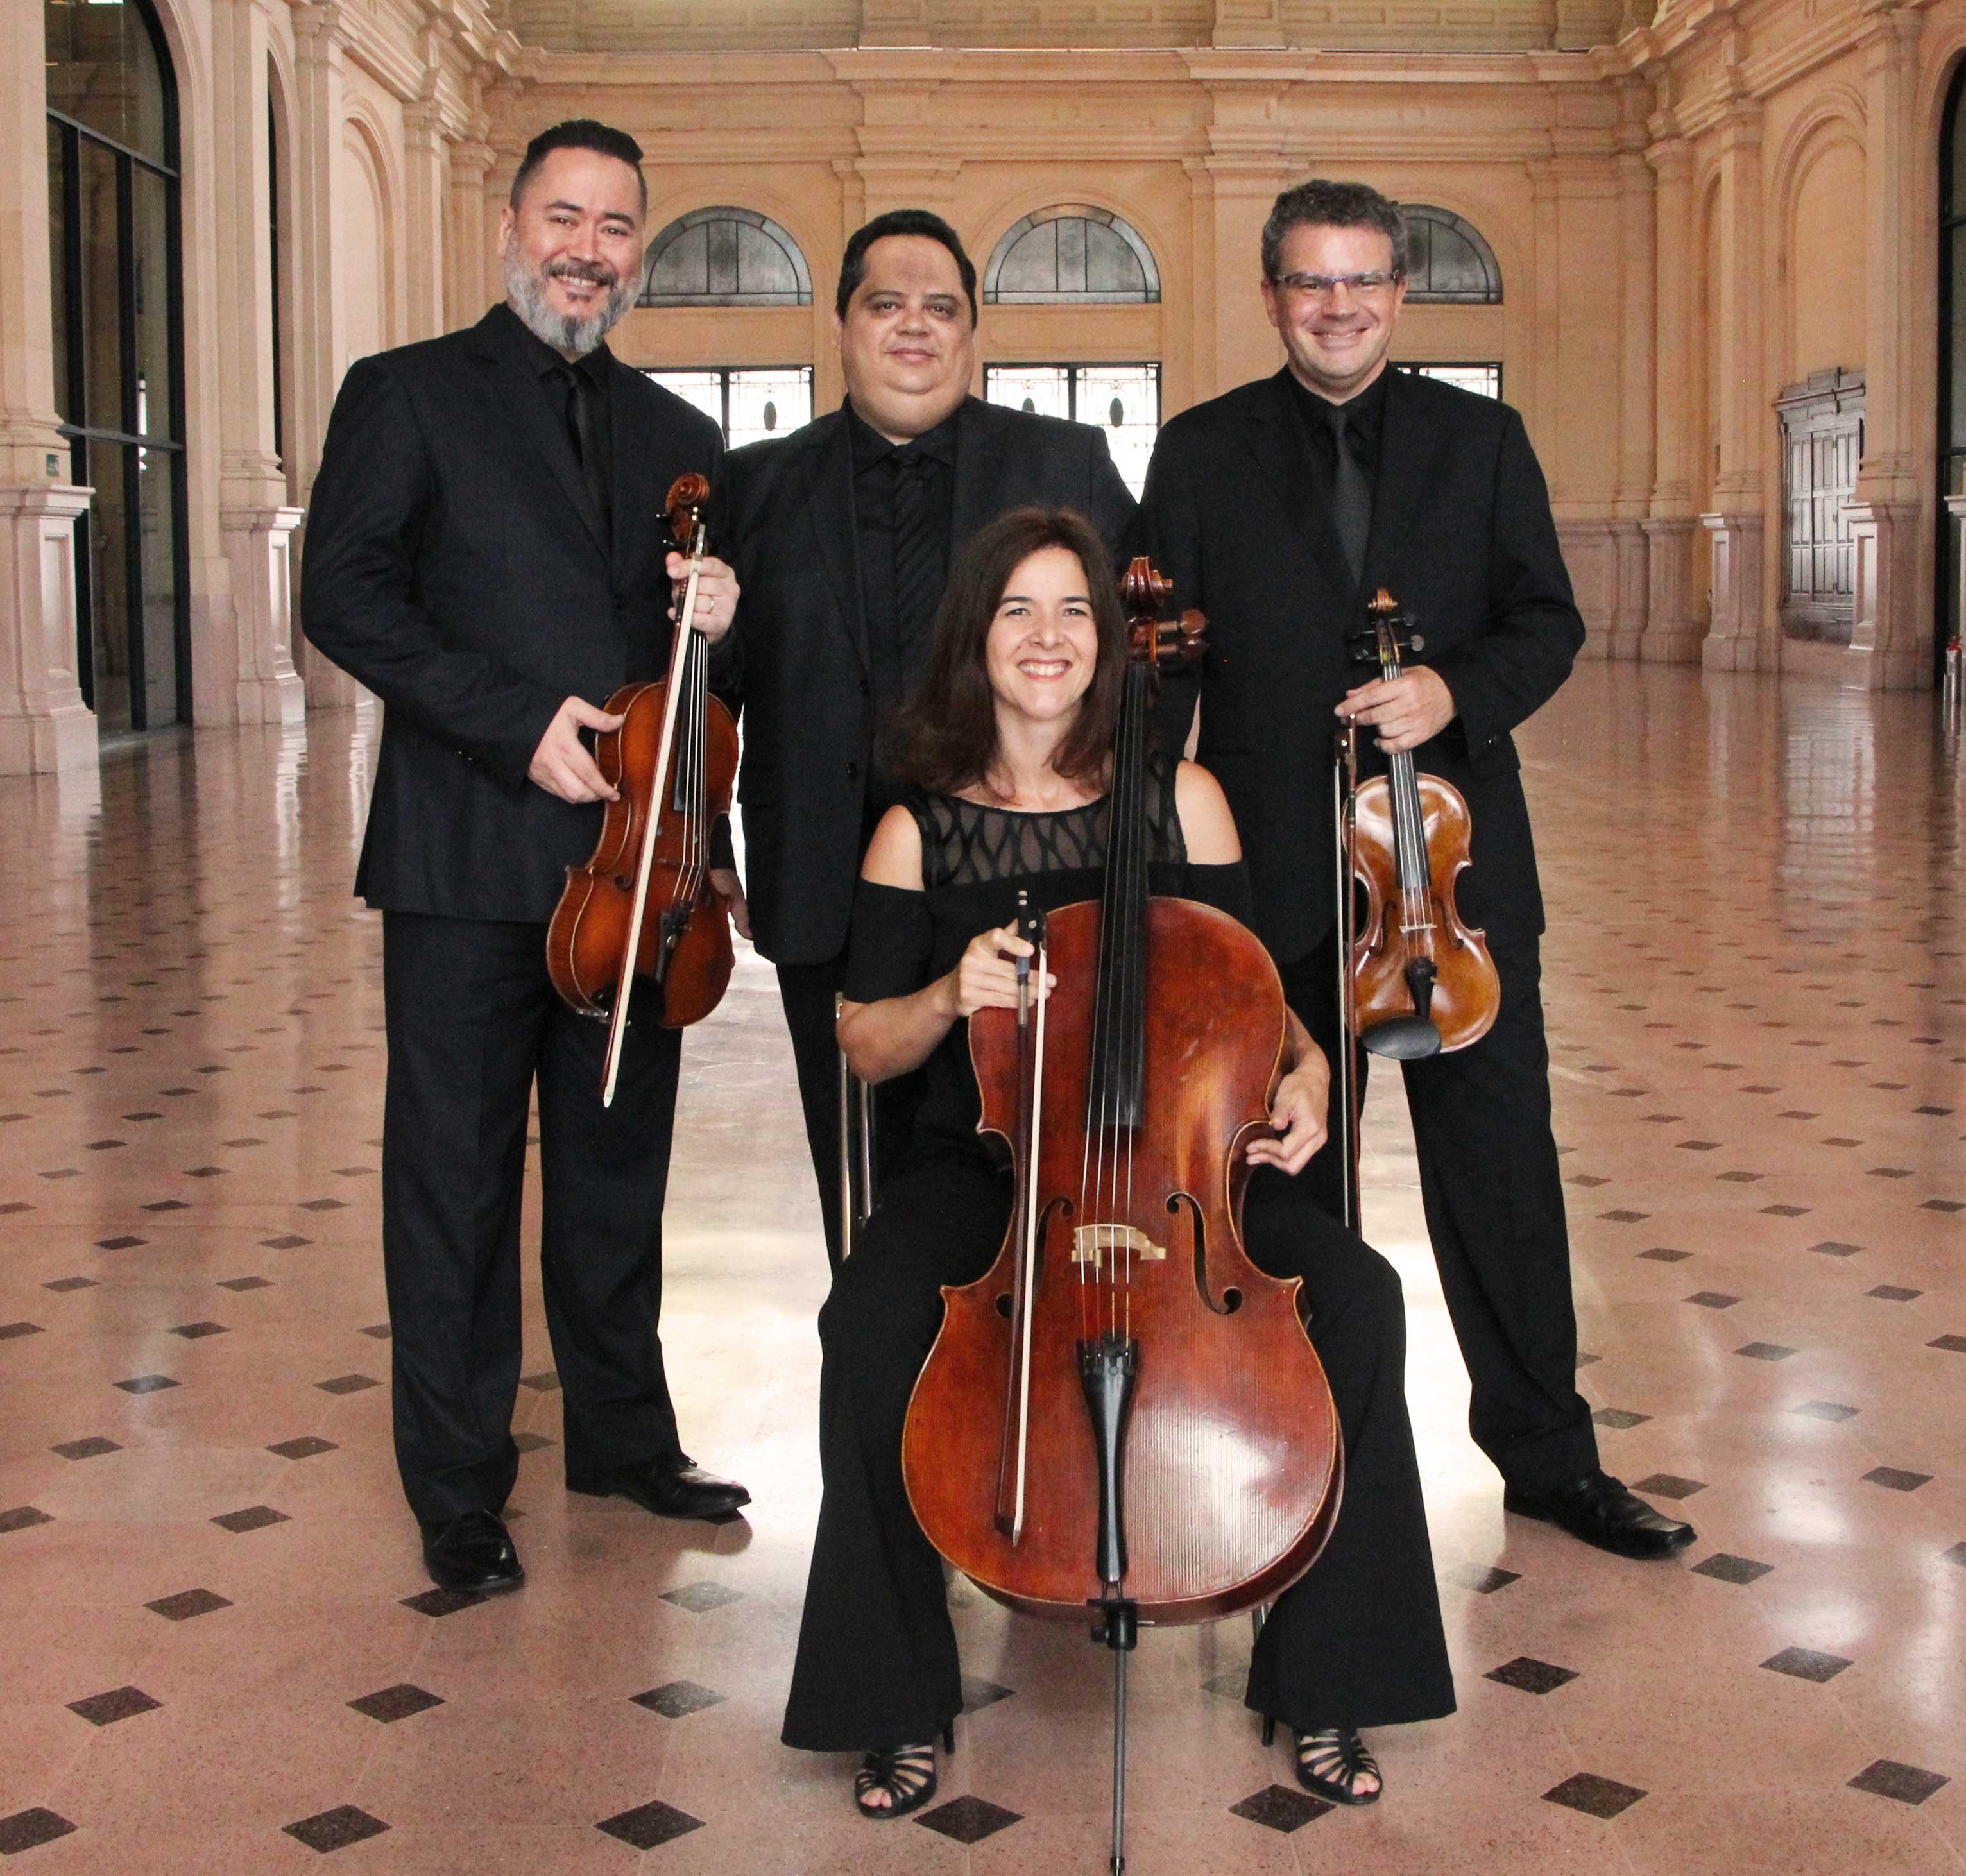 Quarteto_Osesp_por_Diego_Andrade.jpg